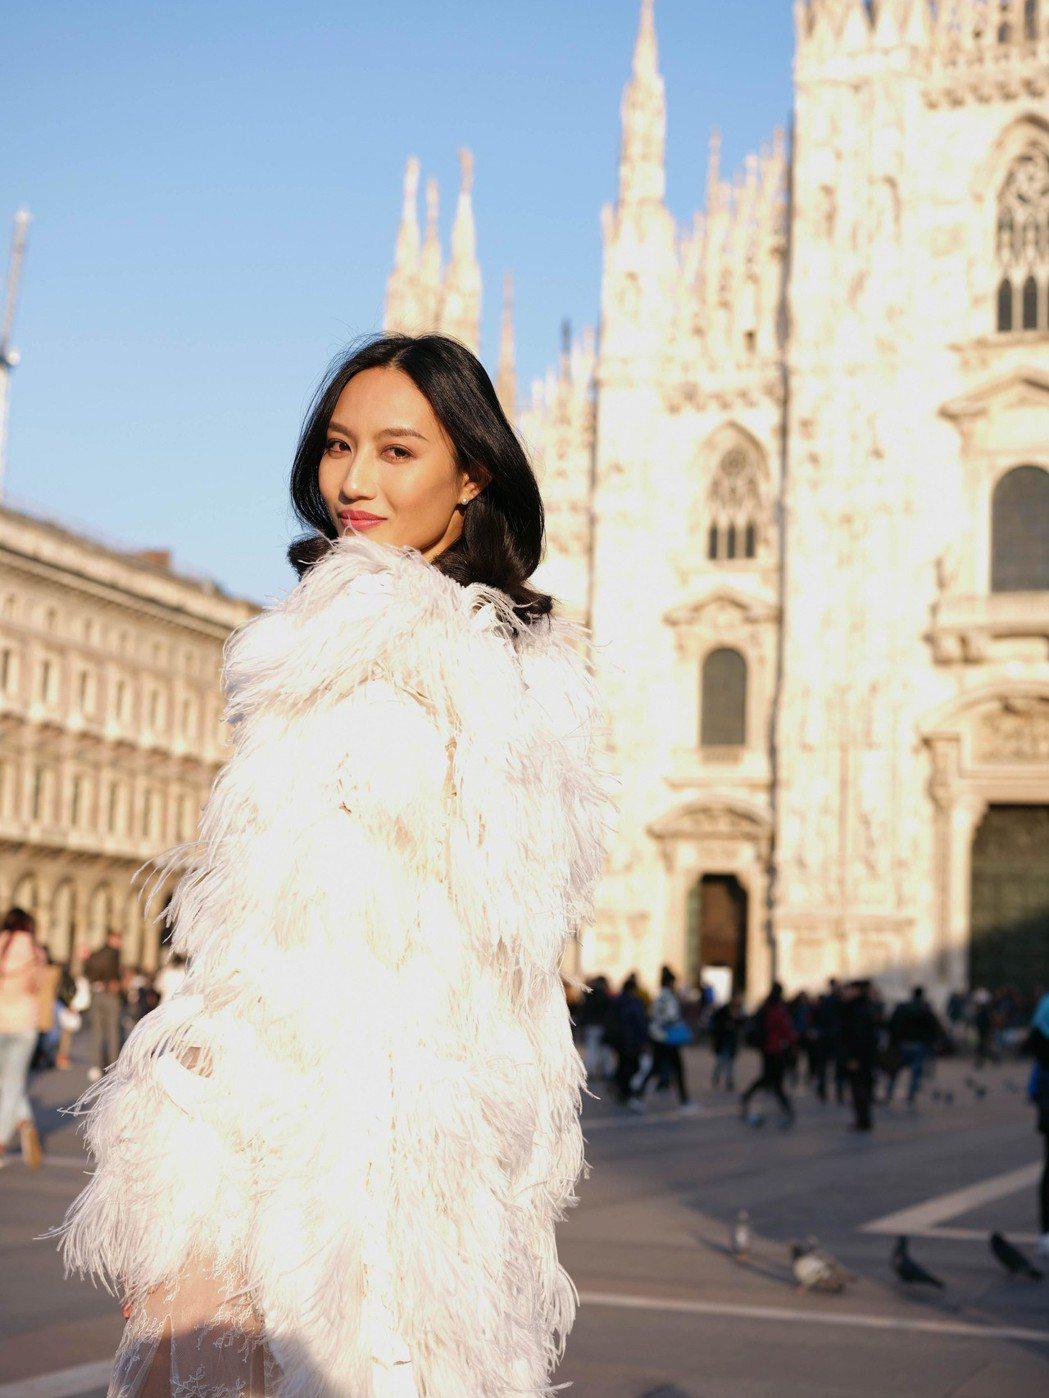 邱馨慧到米蘭教堂拍婚紗照。圖/凱渥提供